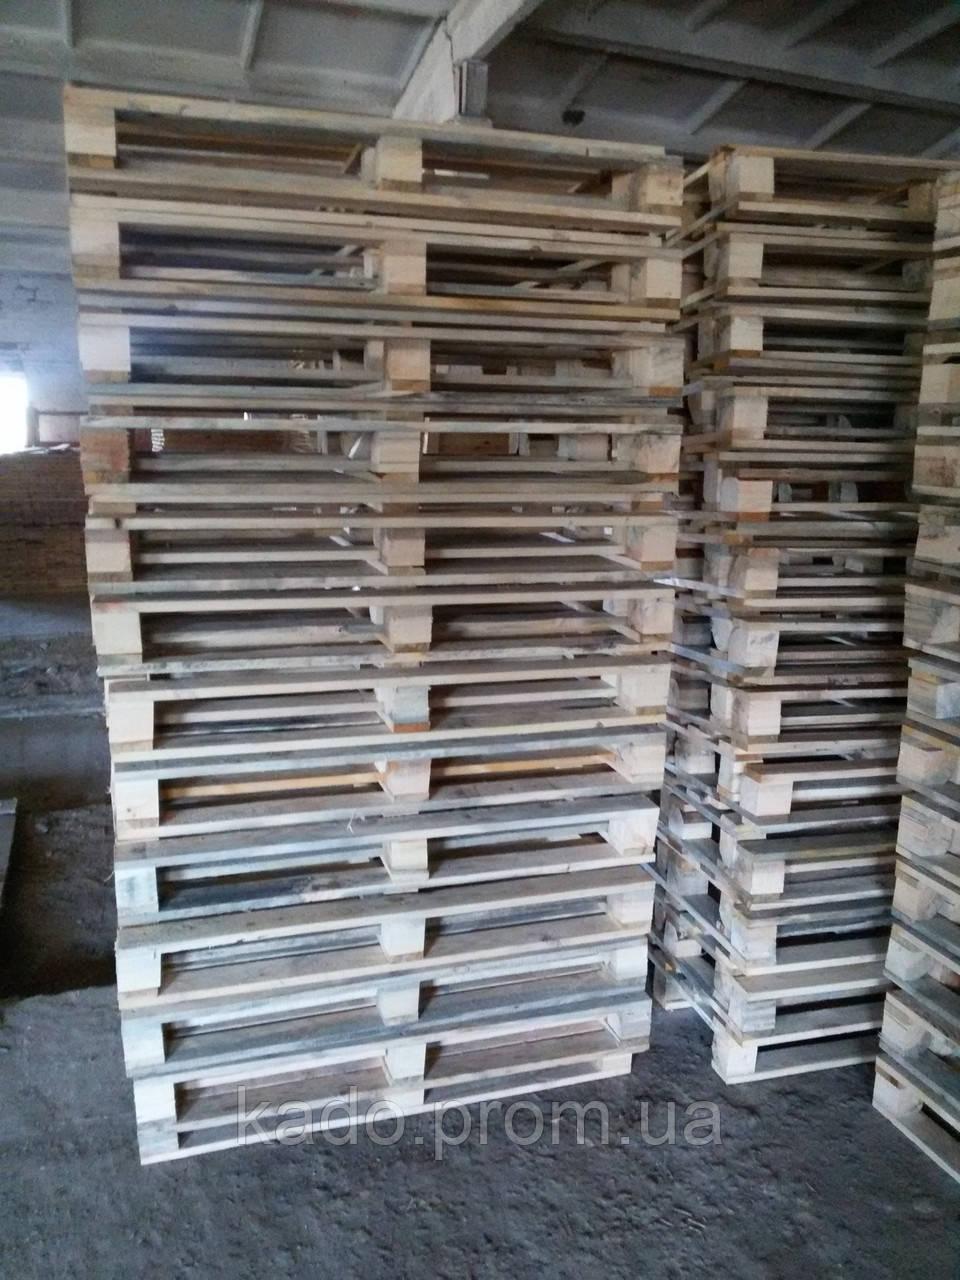 Поддон (европоддон, европаллет) деревянный облегченный 3-й сорт 800х1200х145